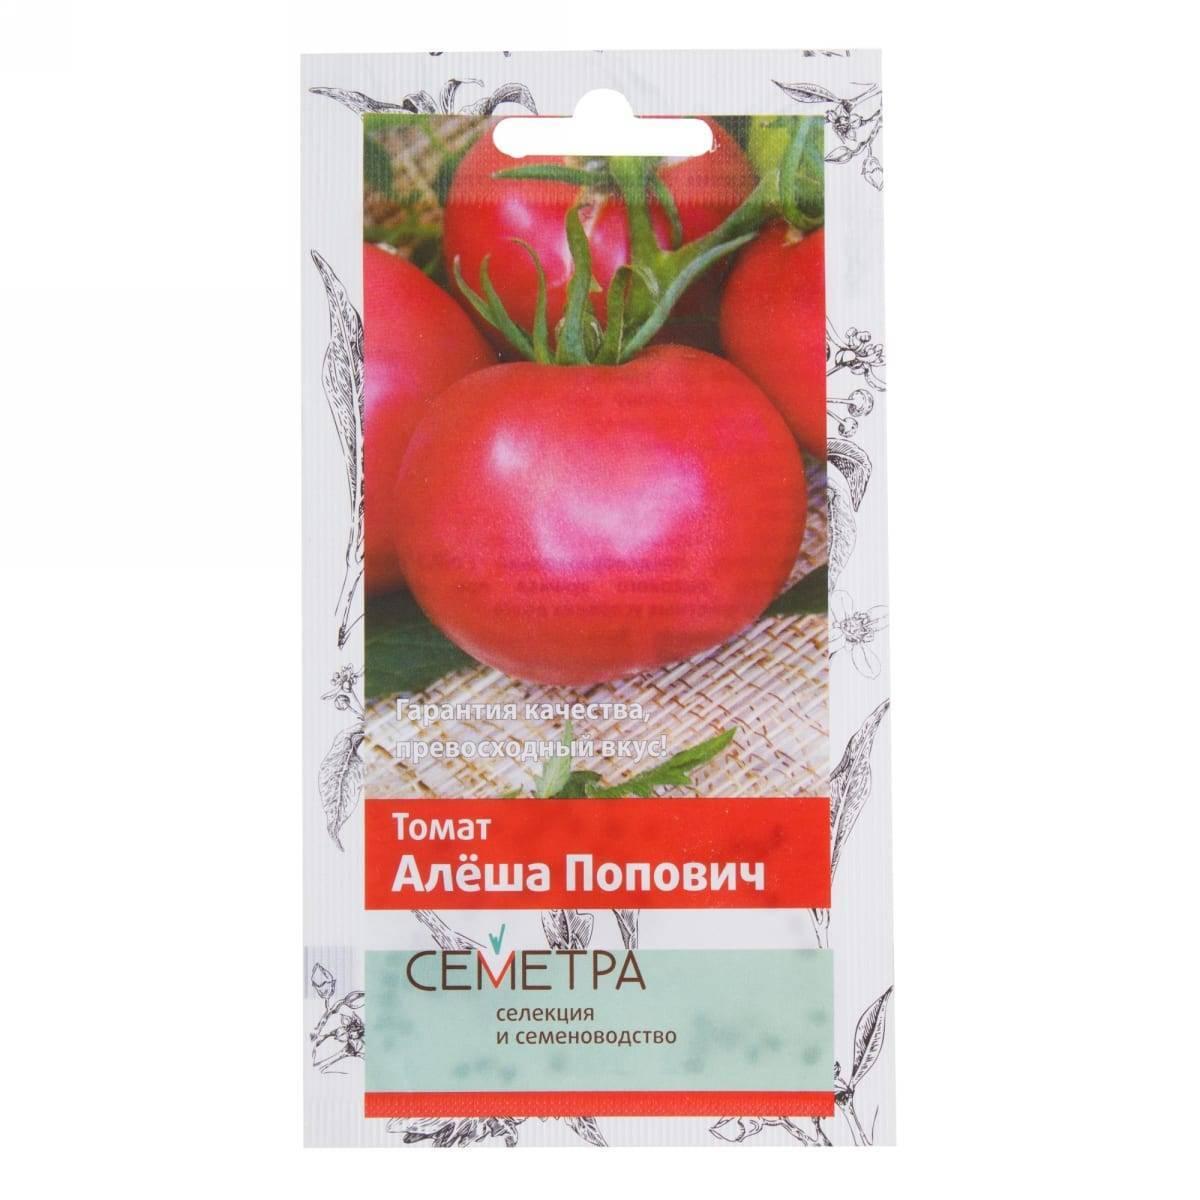 Полное описание и характеристики сорта томата алеша попович